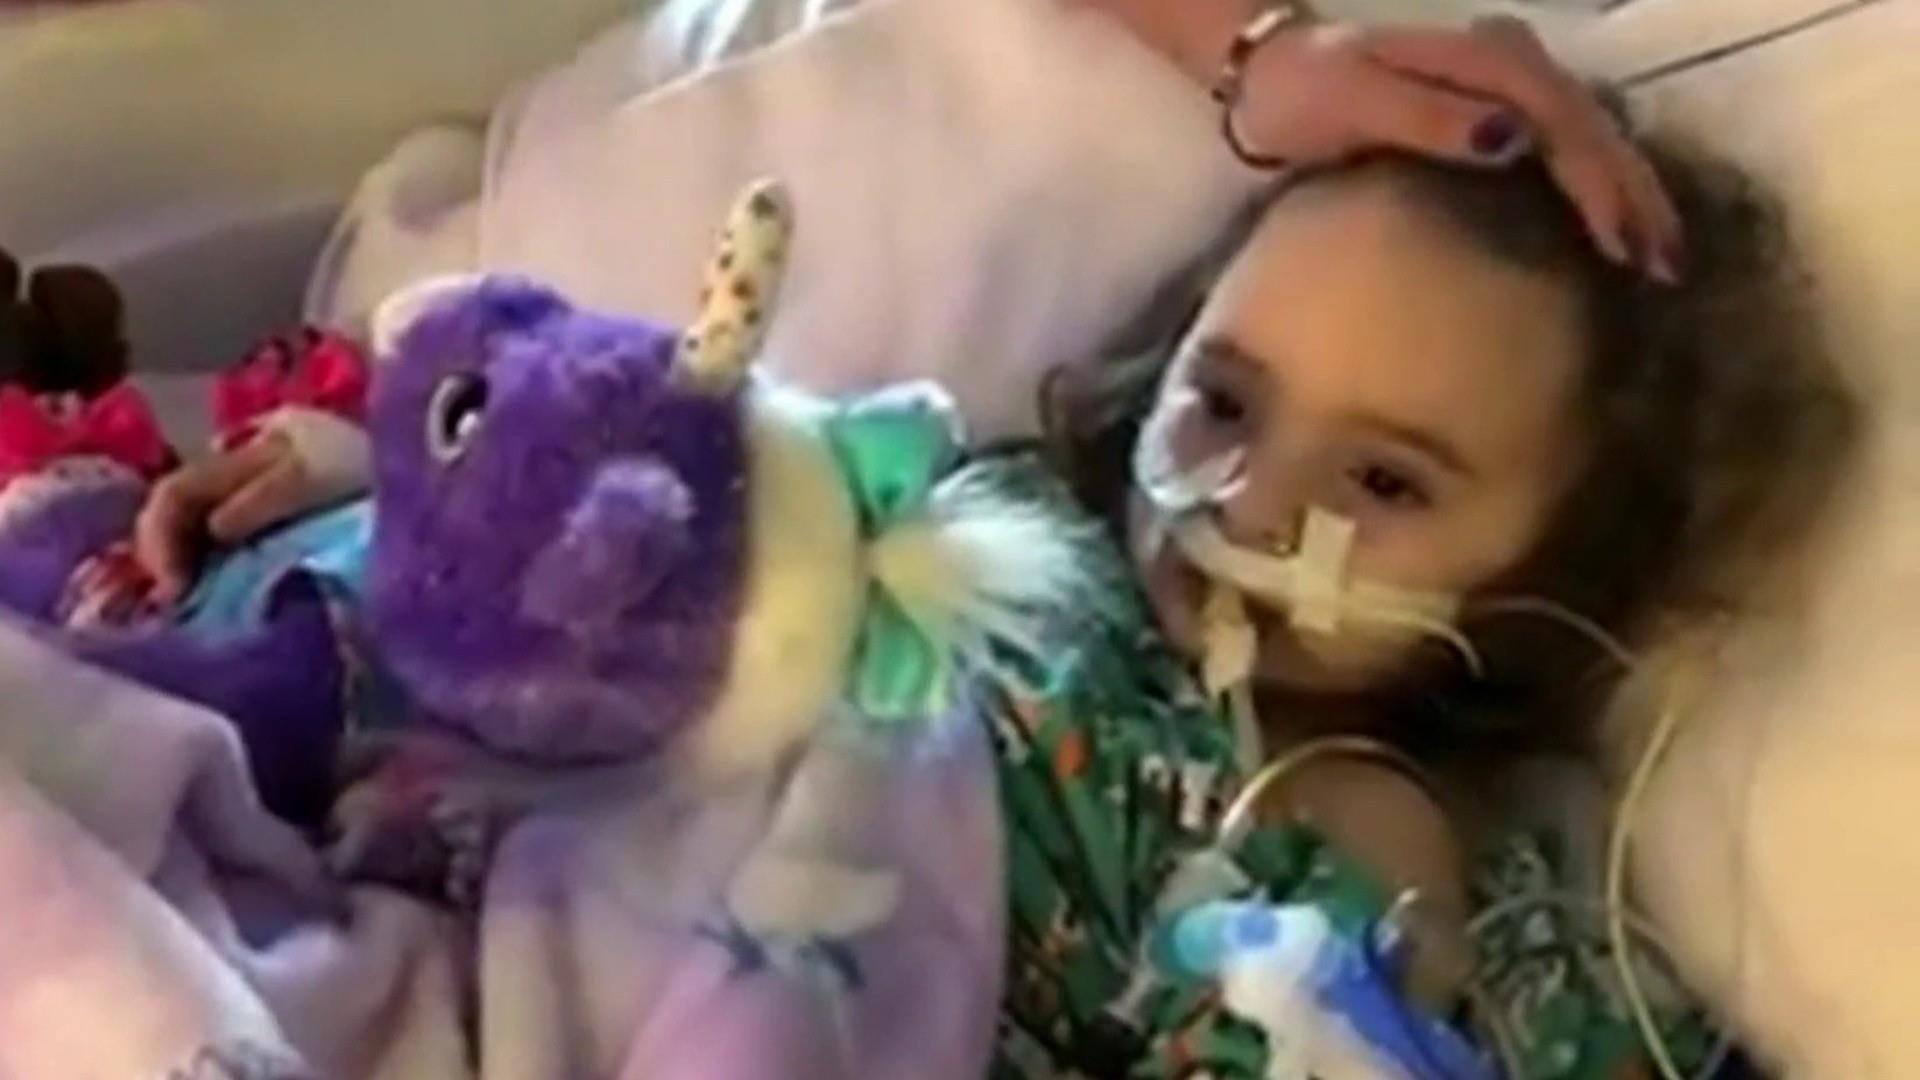 Flu leaves 4-year-old Iowa girl blind